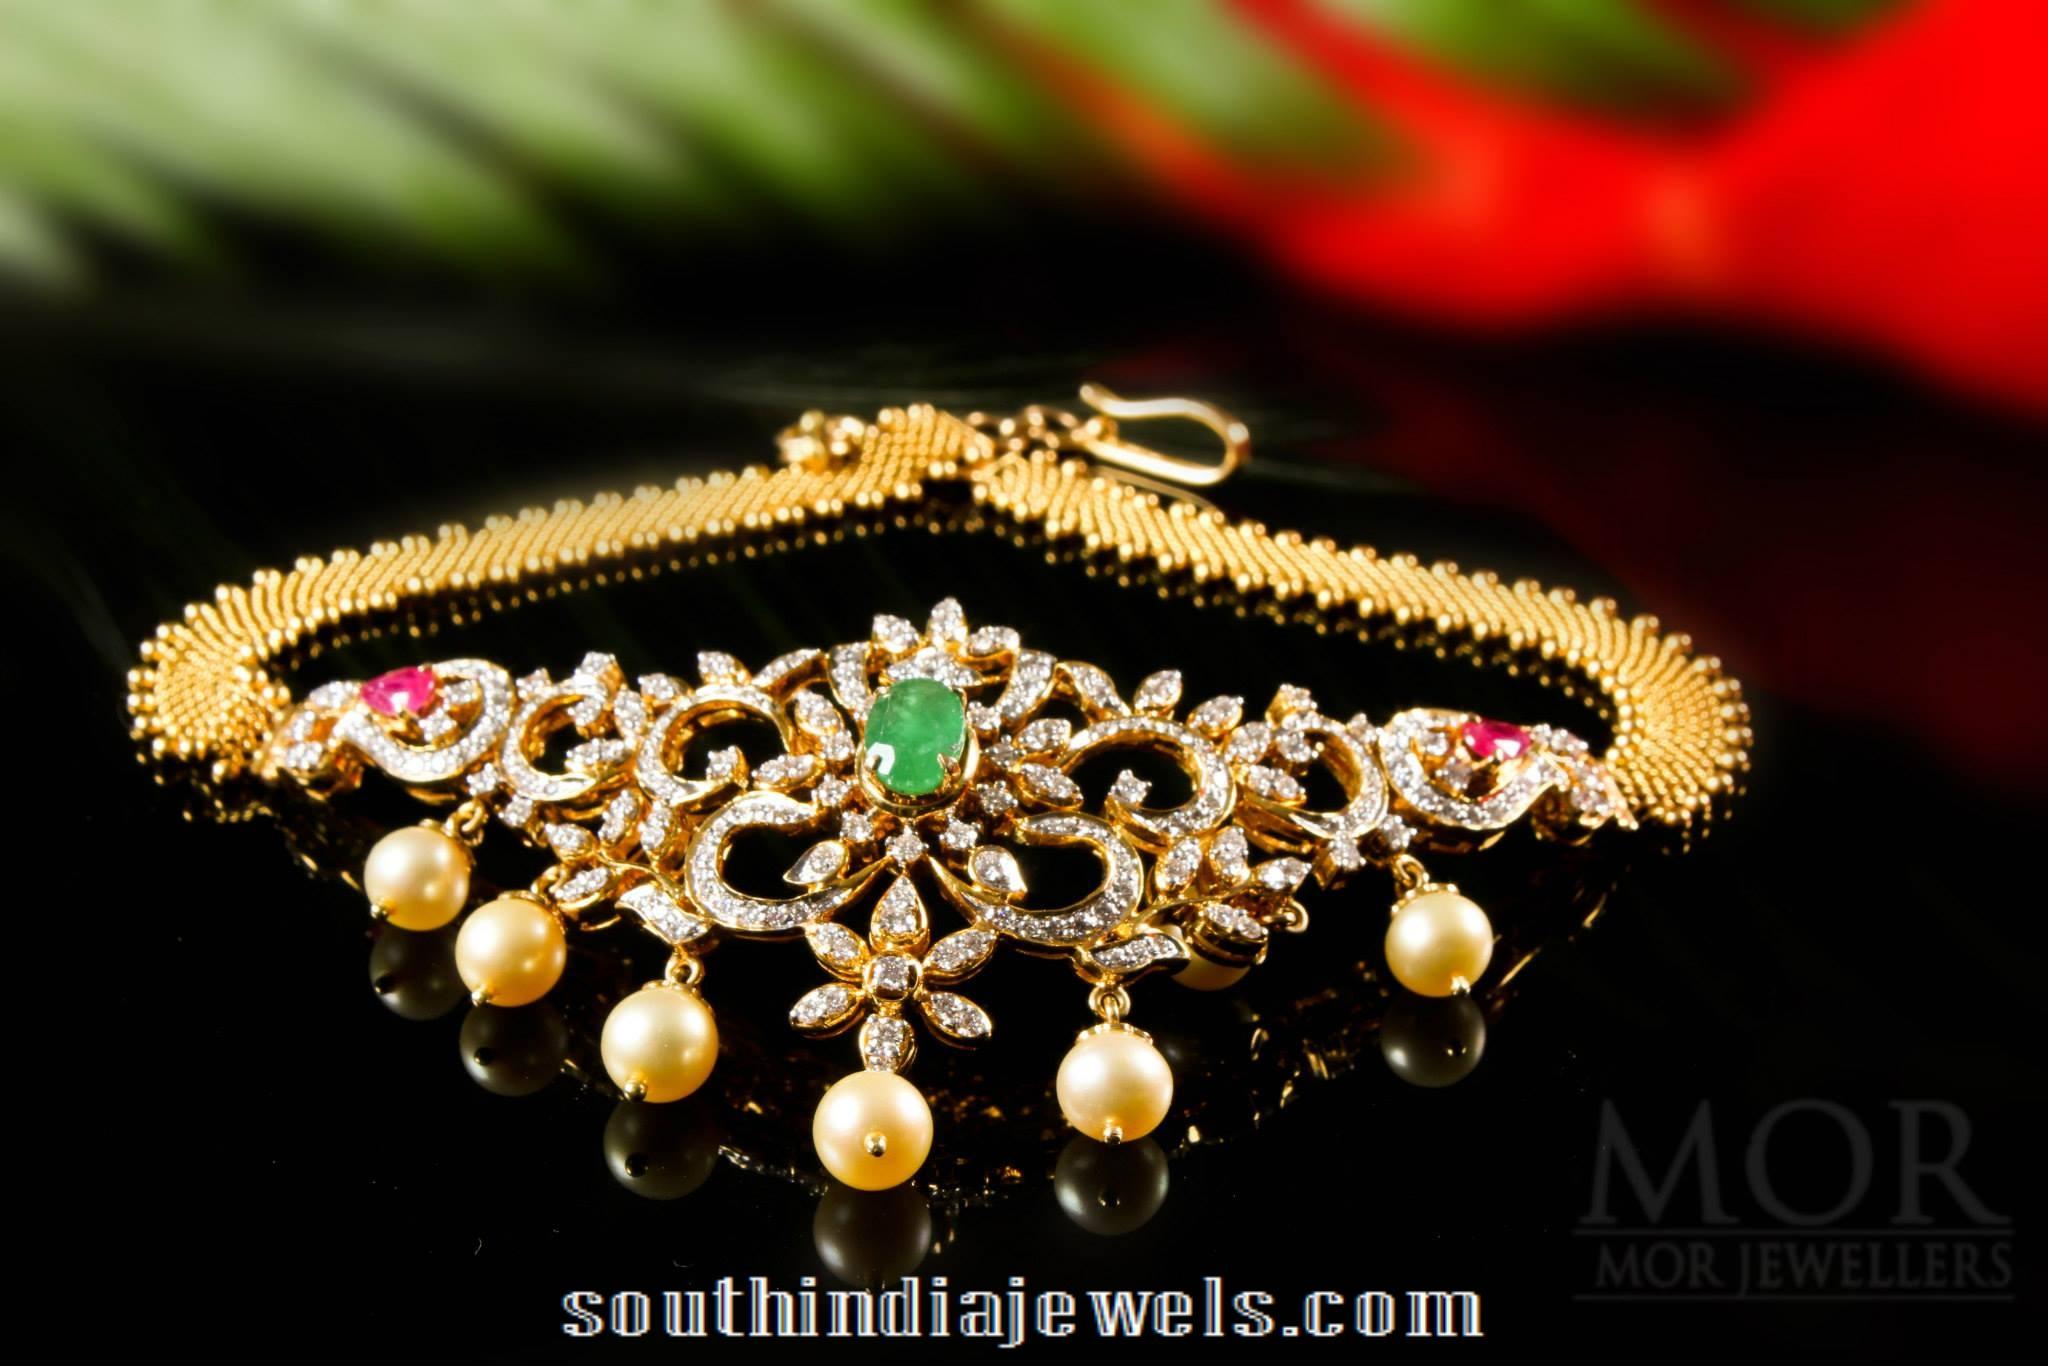 Diamond Necklace cum Dandapatti Multipurpose Jewellery